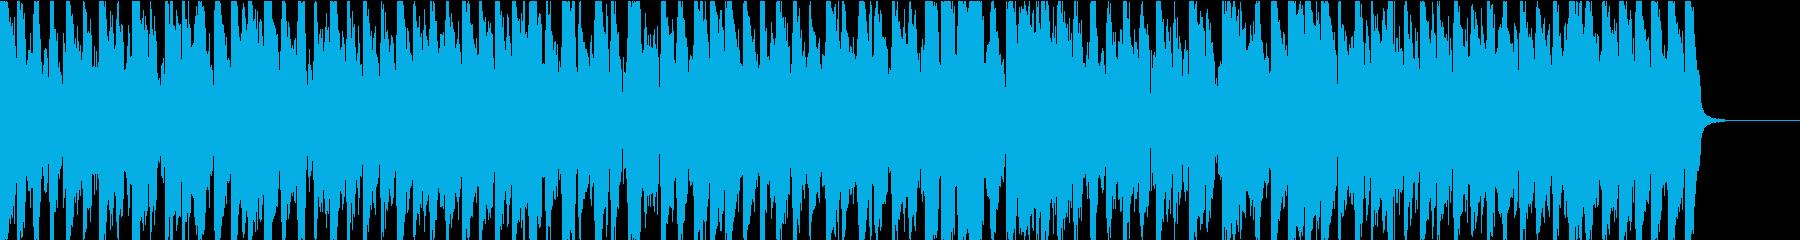 アコーディオン主体のほのぼの曲の再生済みの波形